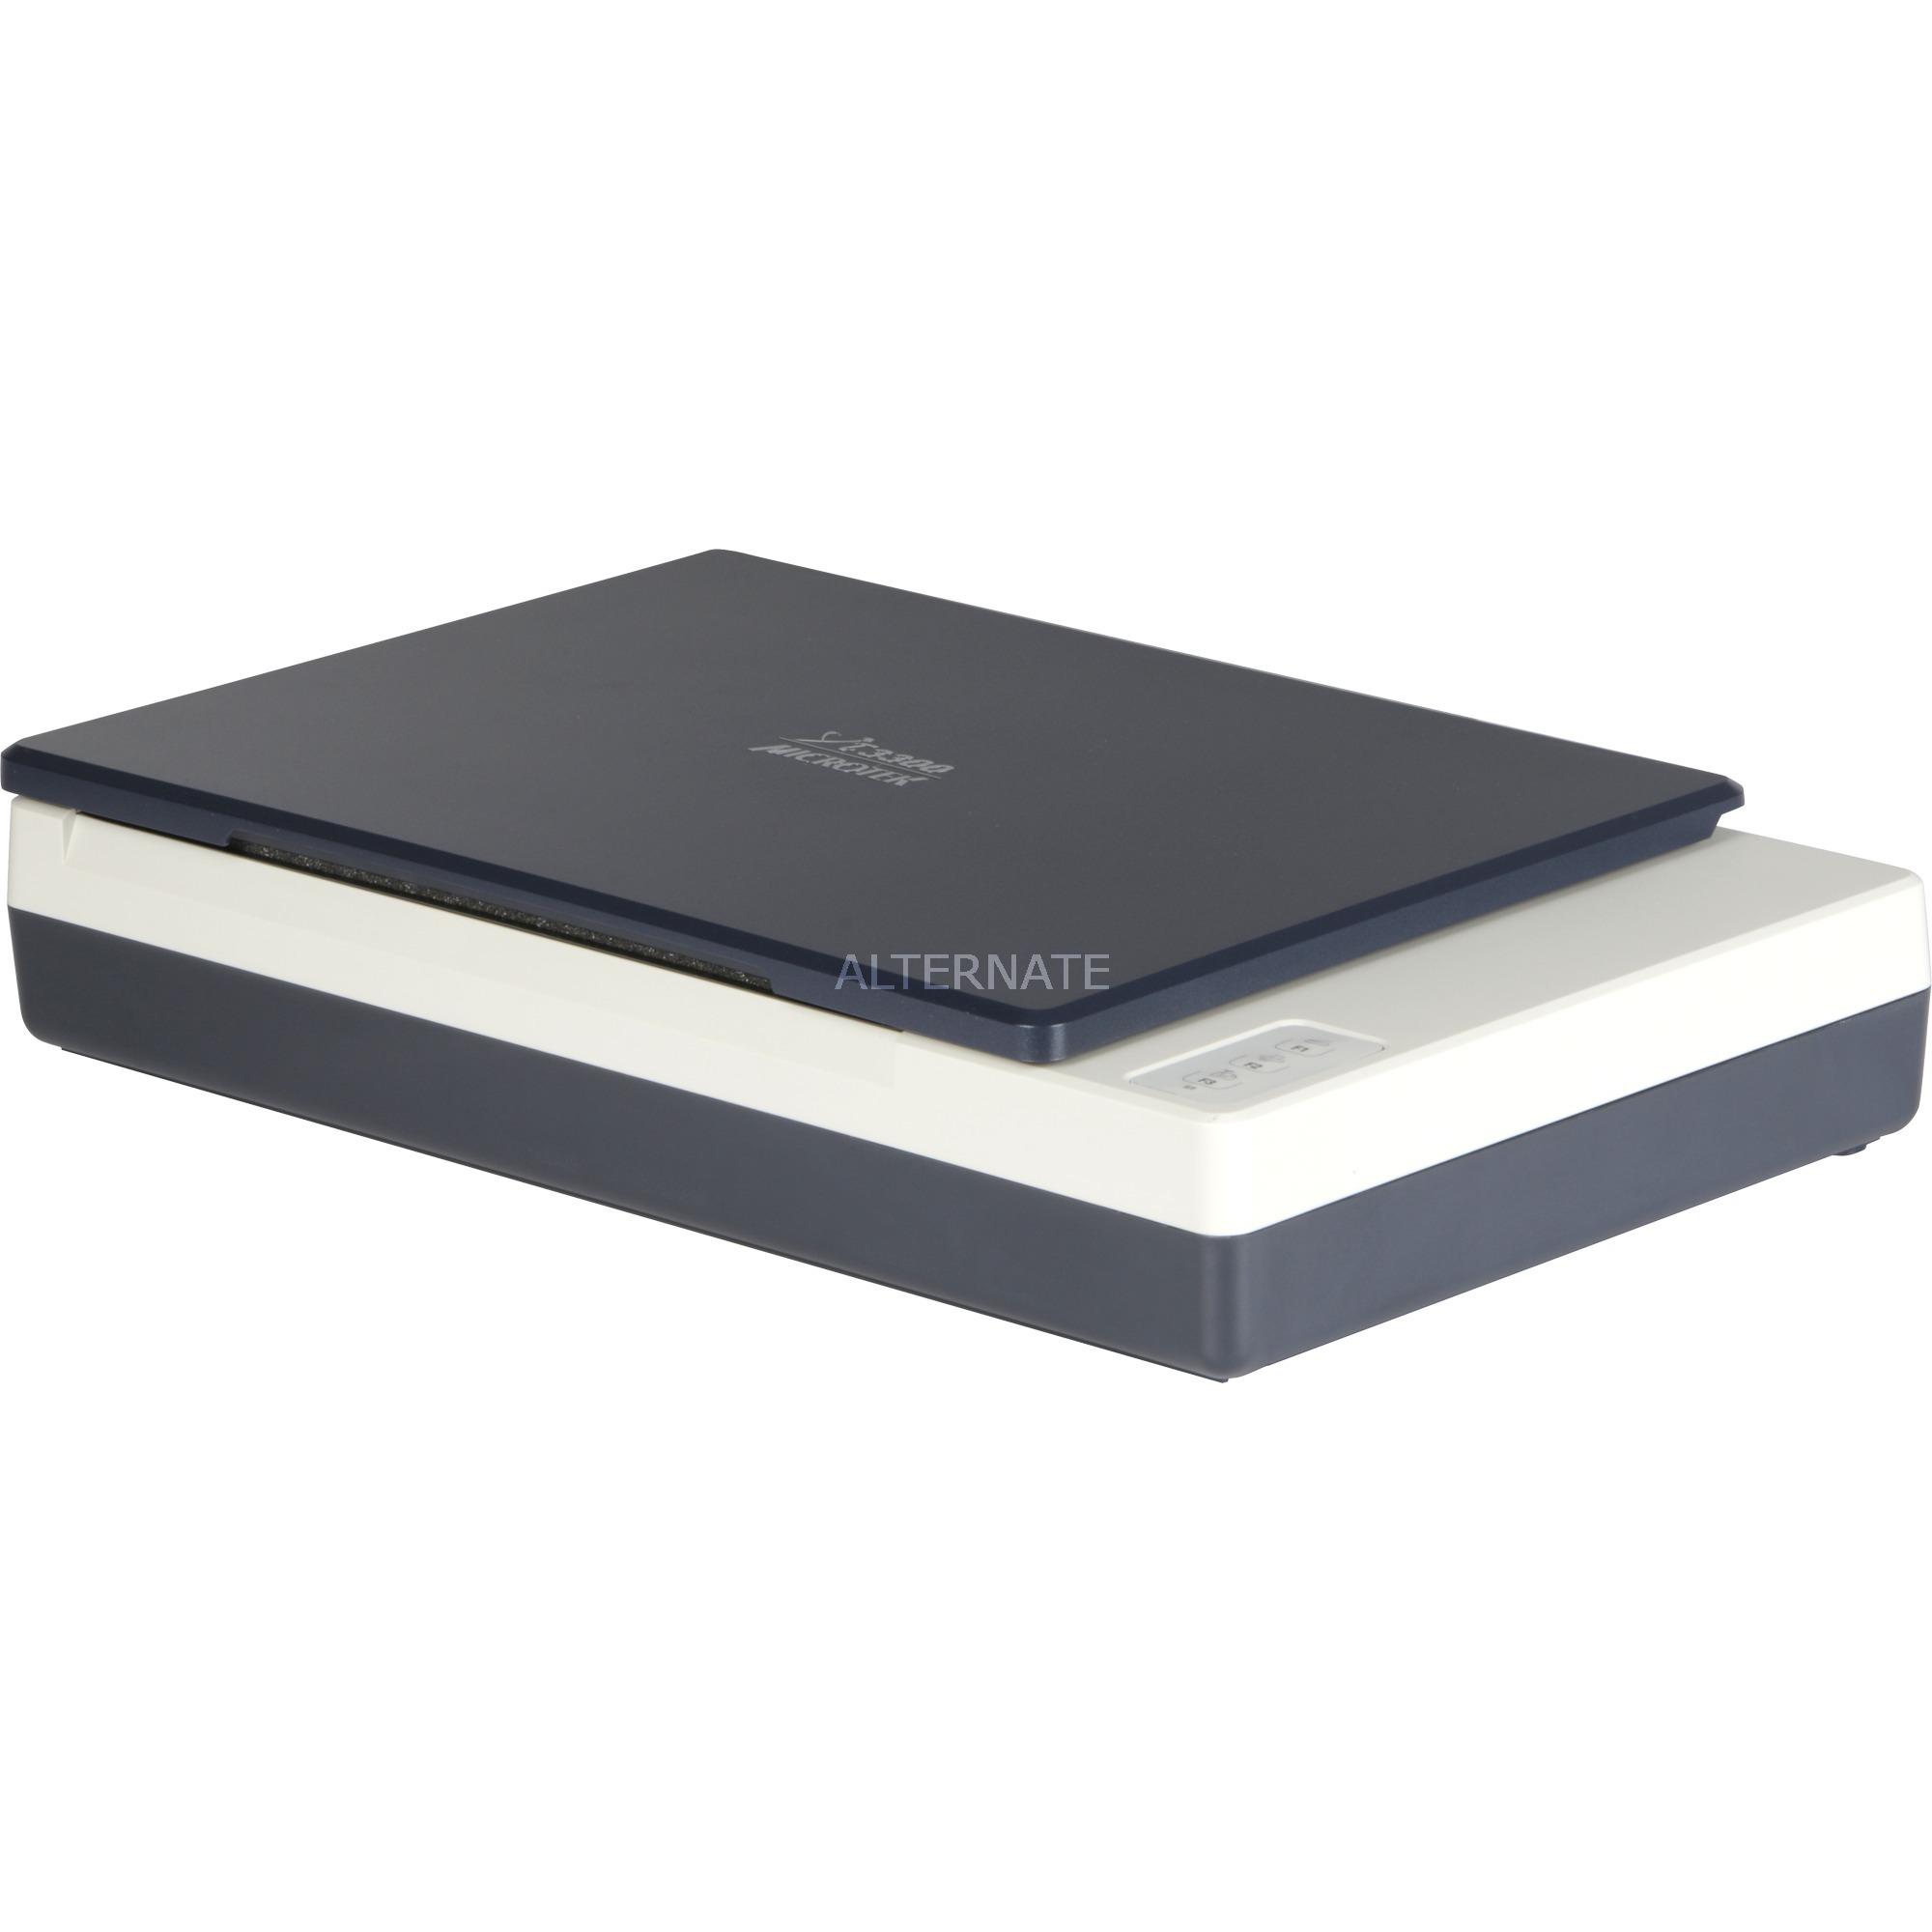 XT-3300 1200 x 2400 DPI Escáner de cama plana Azul, Gris A4, Escáner plano